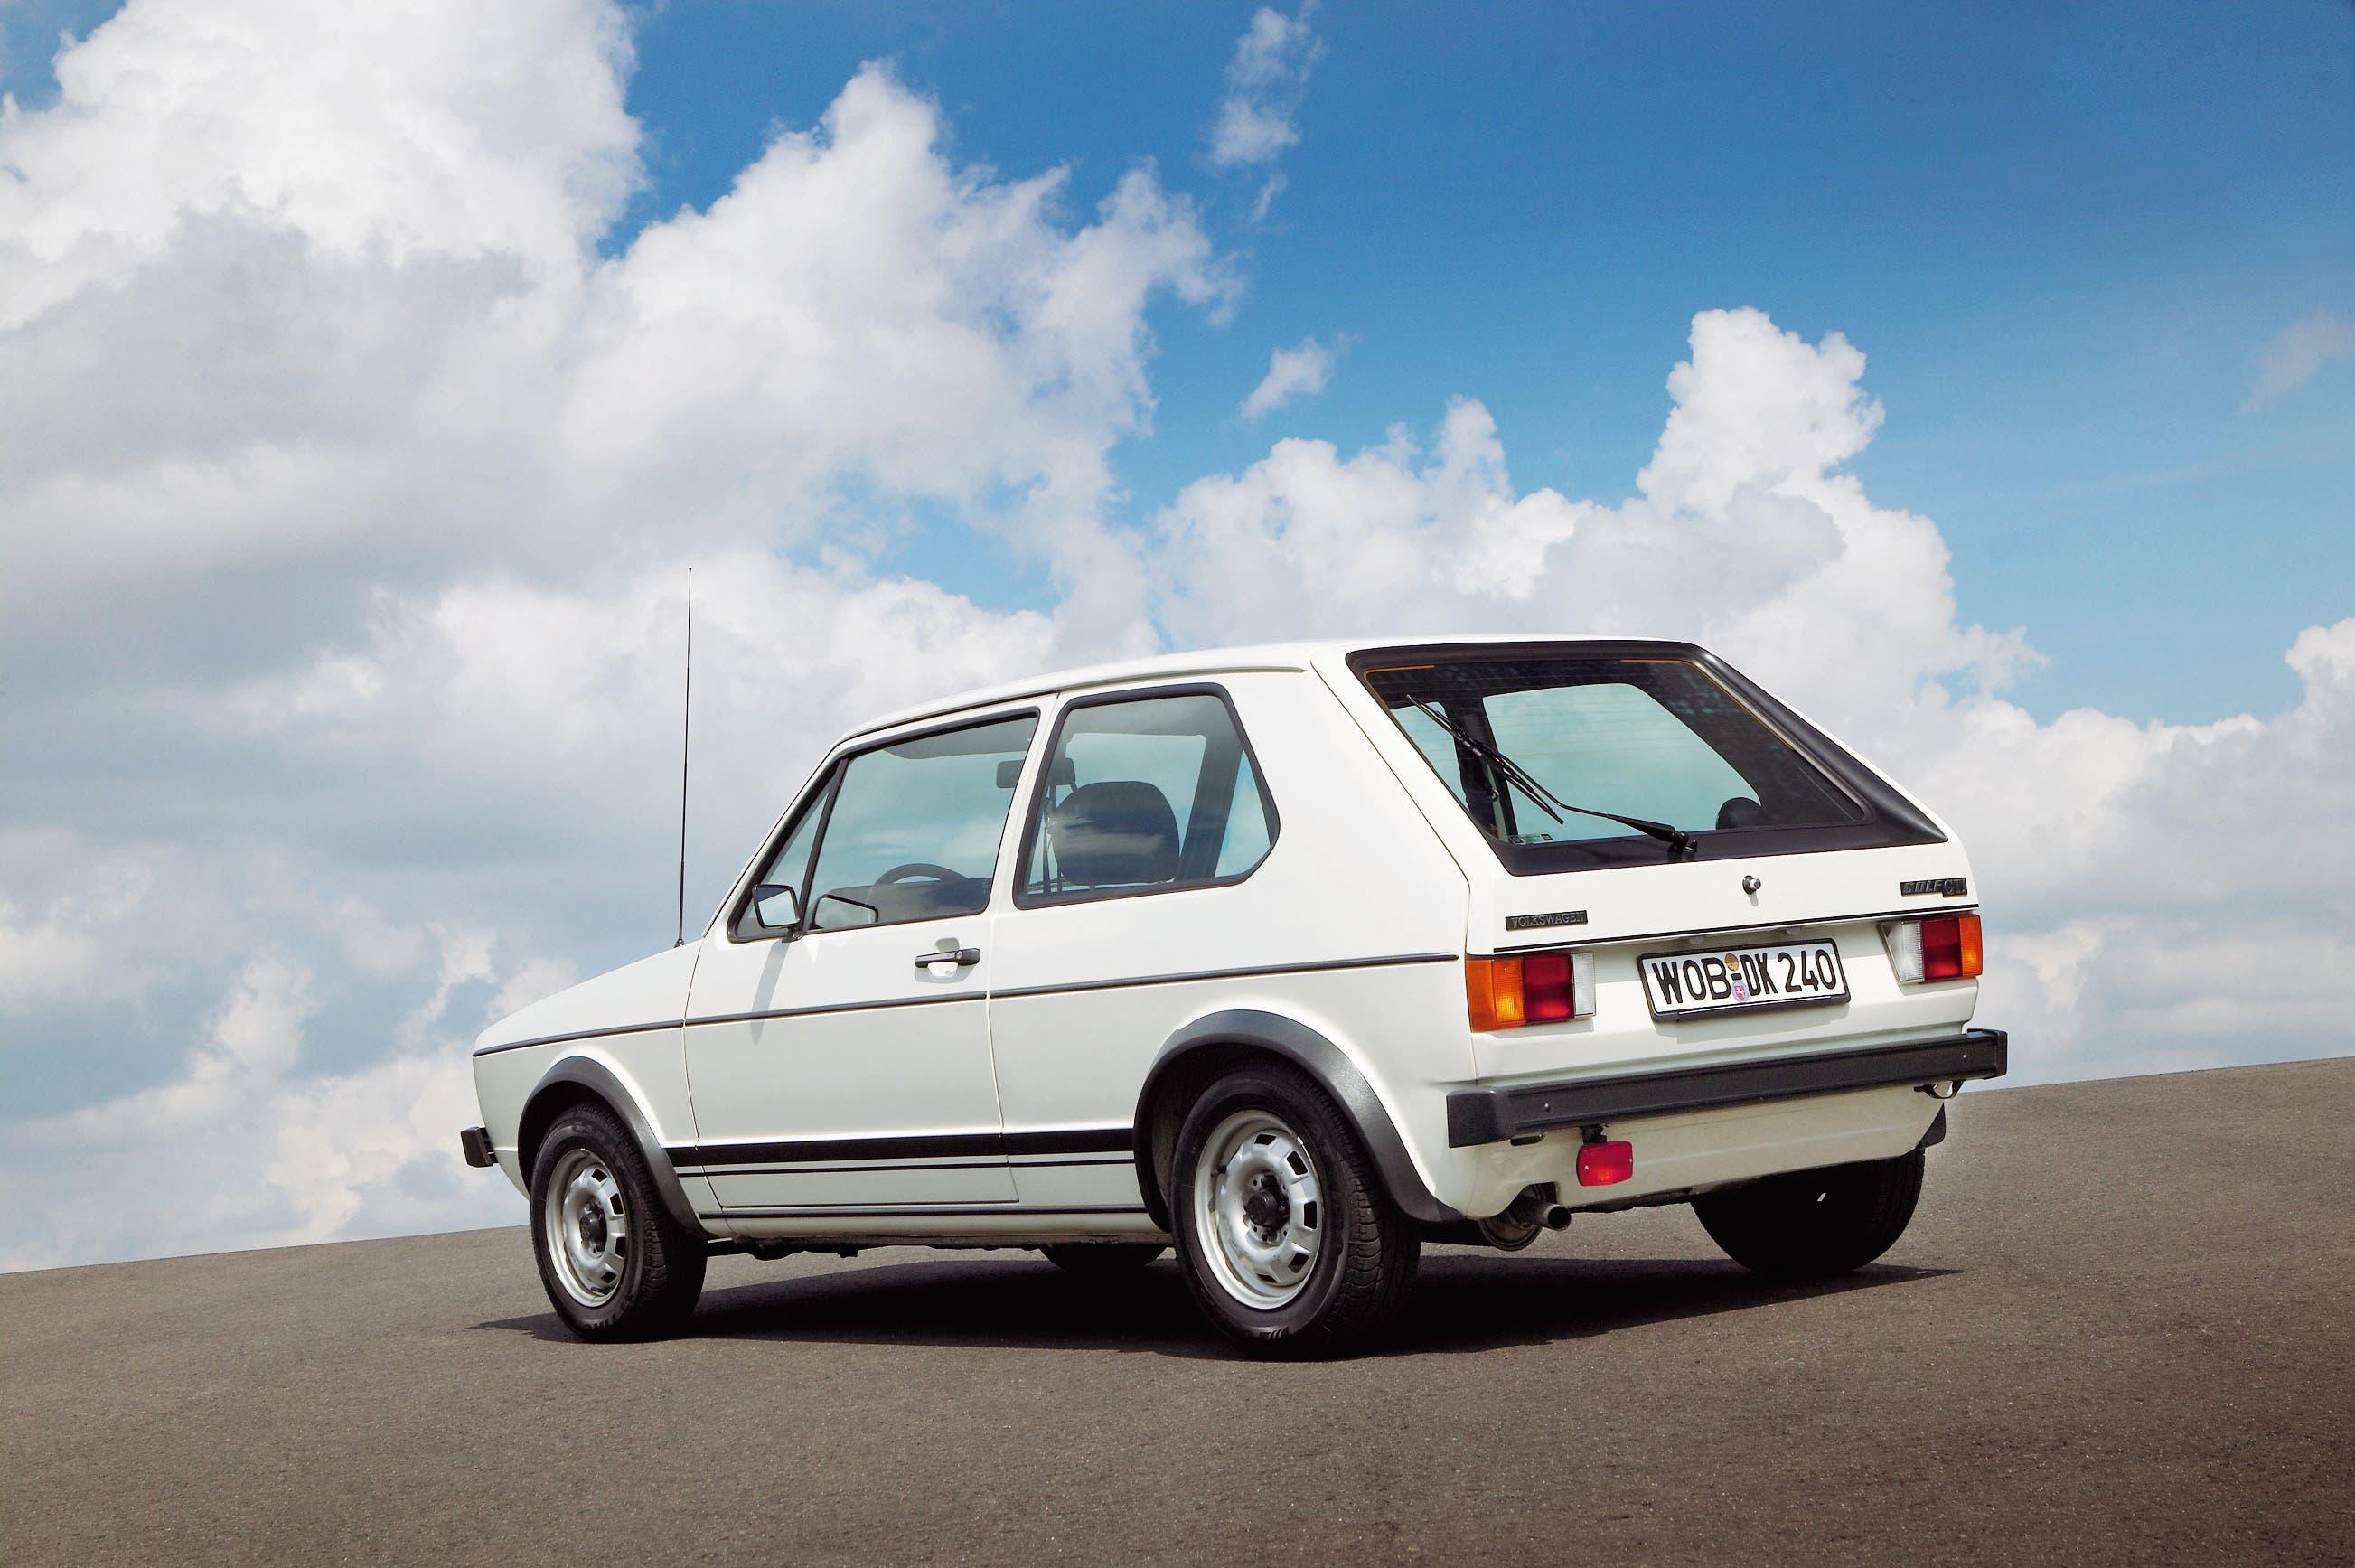 Der erste GTI überzeugte durch gutes Leistungsgewicht und Alltagstauglichkeit. Hohe Verkaufszahlen liessen ihn zu einem festen Bestandteil des Golf-Portfolios werden.